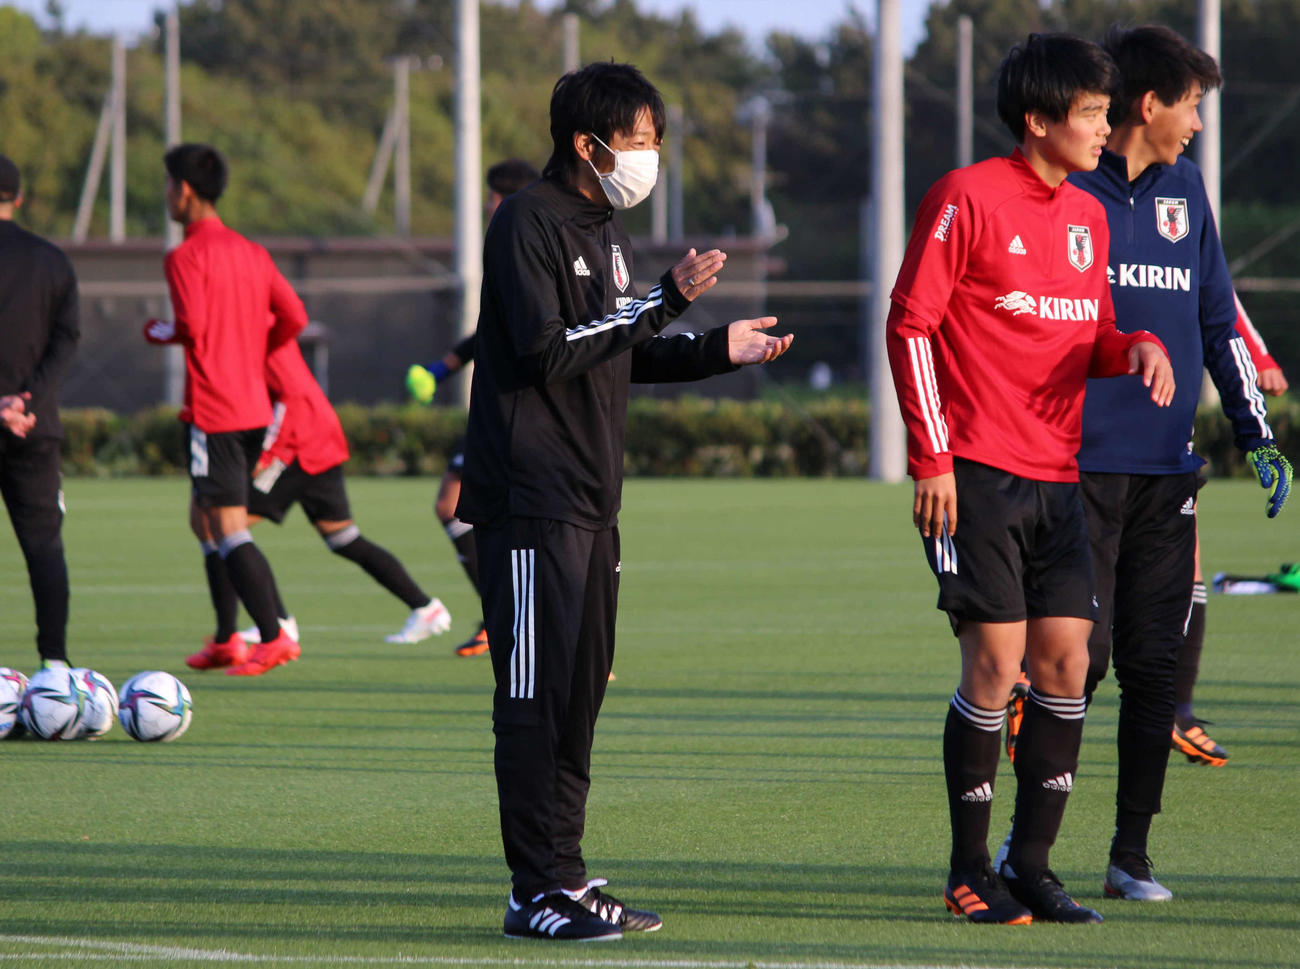 笑顔でプレーに拍手をおくる、JFAロールモデルコーチの中村憲剛氏